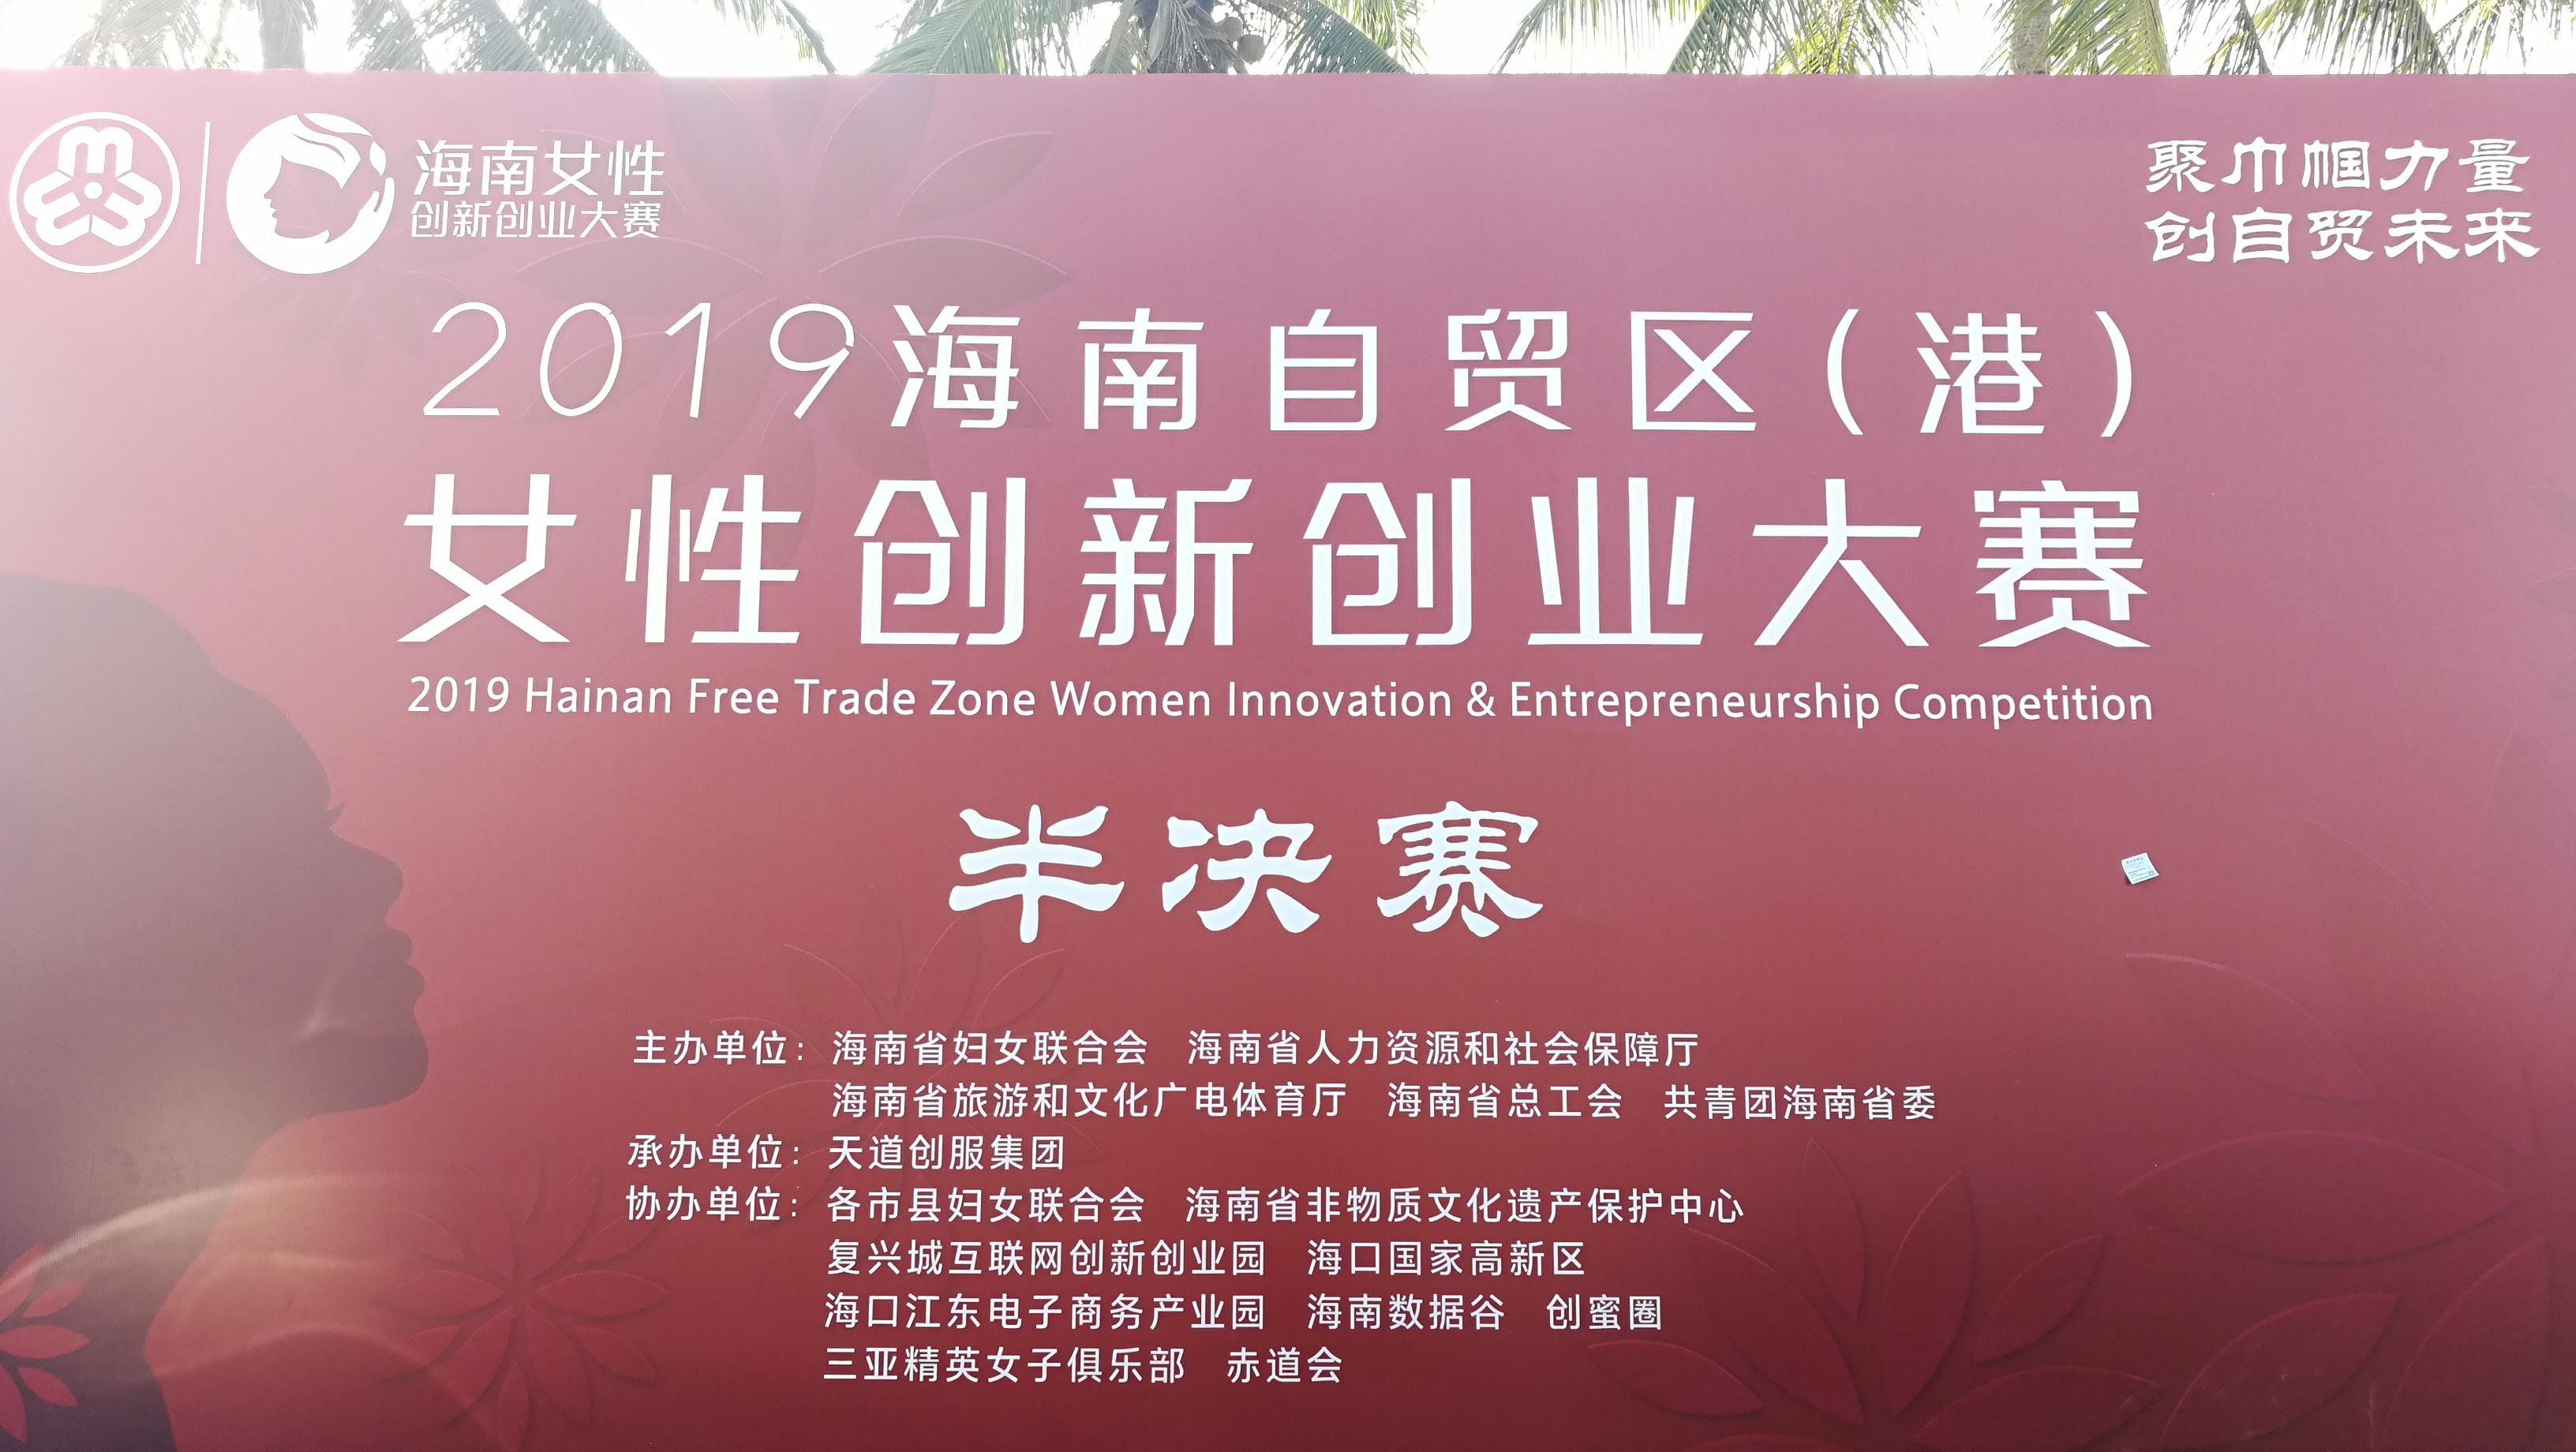 巾帼不让须眉 2019 海南自贸区(港)女性创新创业大赛半决赛圆满落幕